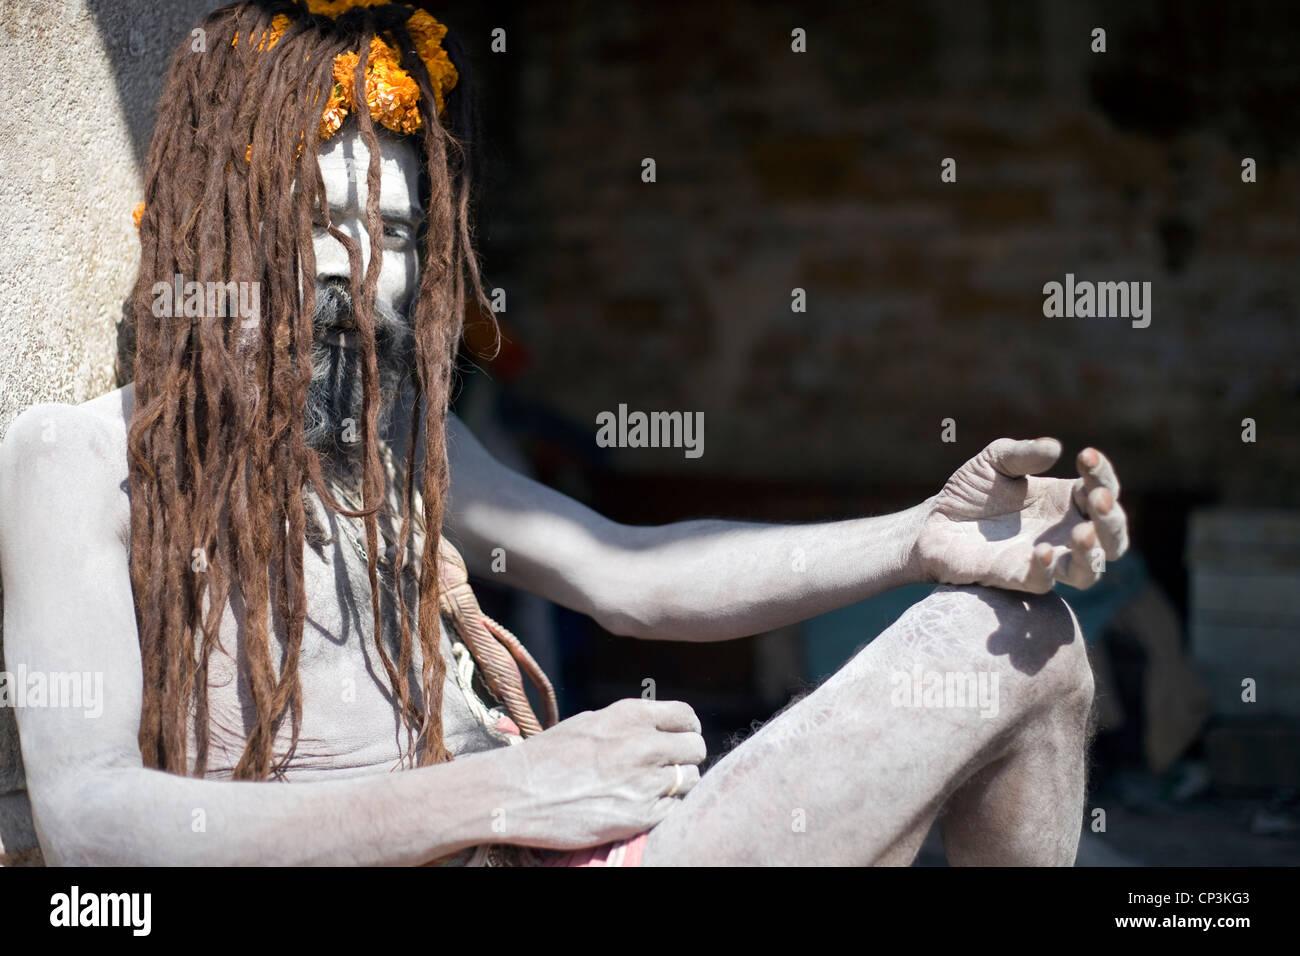 Balak Das sadhu, Pashupatinath,Kathmandu,Nepal - Stock Image